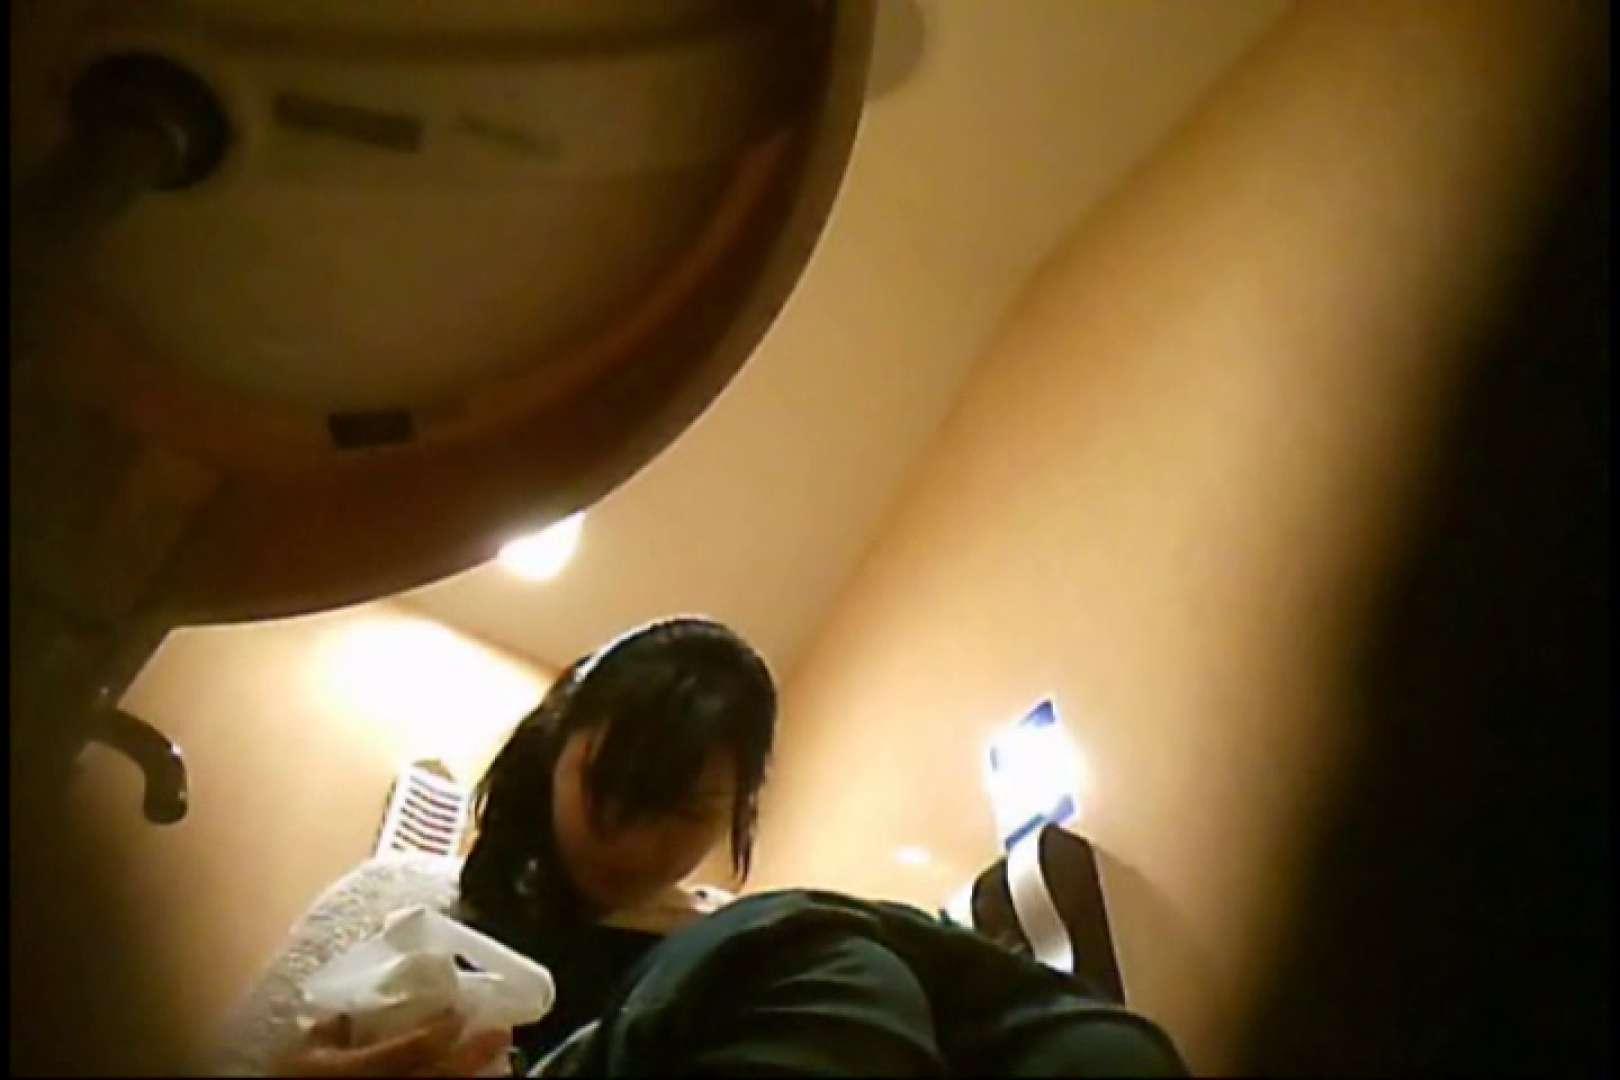 画質向上!新亀さん厠 vol.76 黄金水マニア ぱこり動画紹介 11pic 5